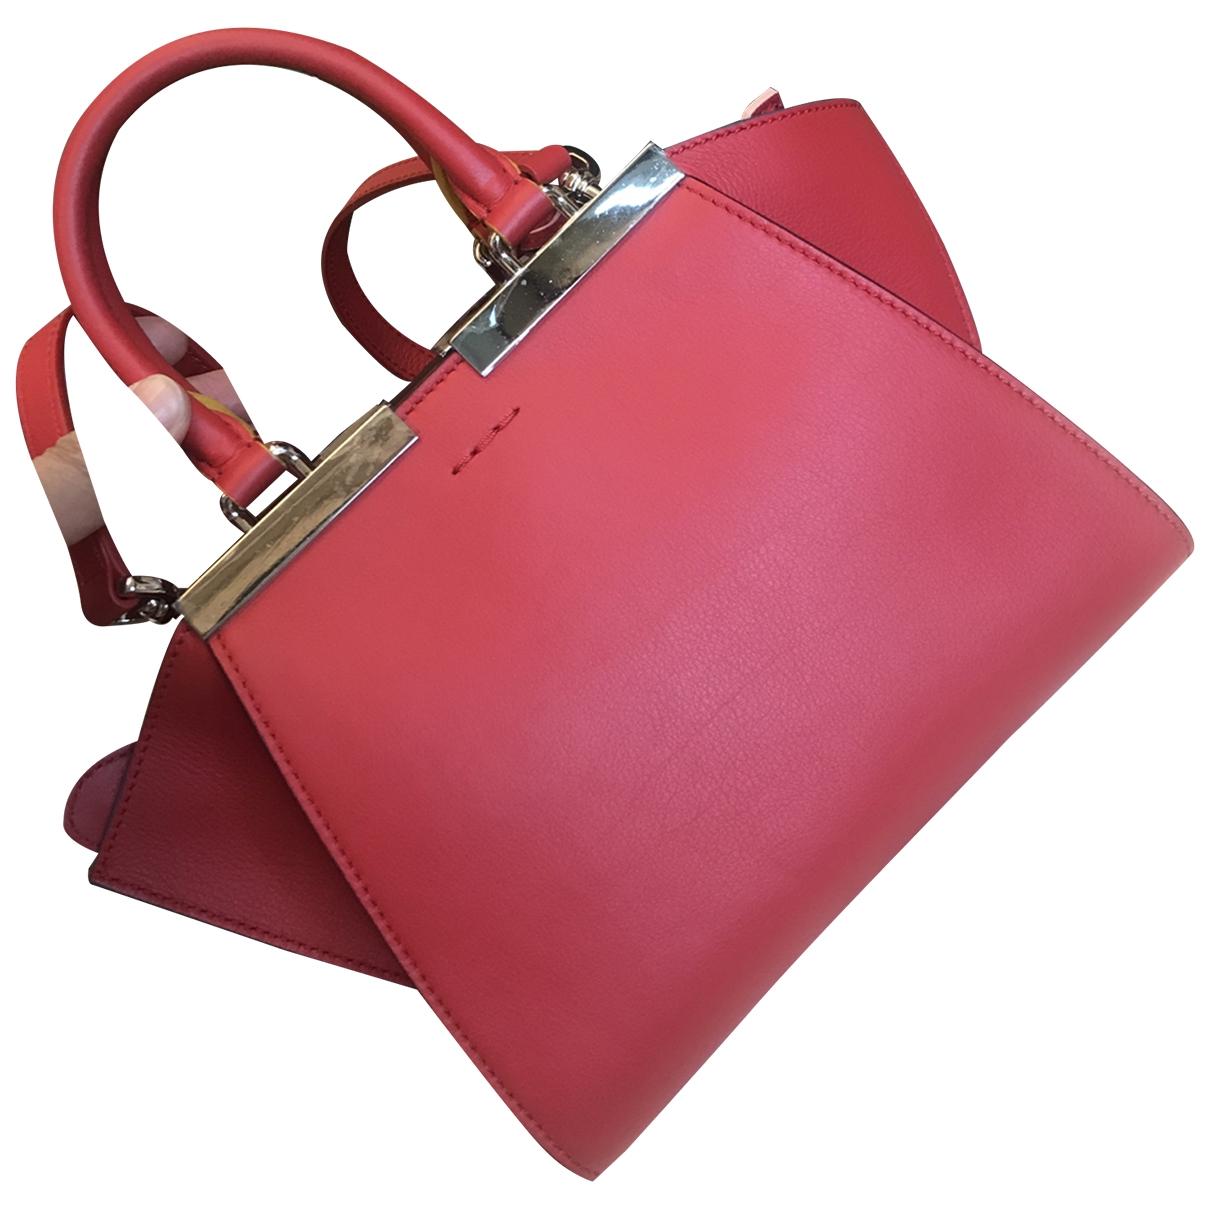 Fendi 3Jours Handtasche in  Rot Leder